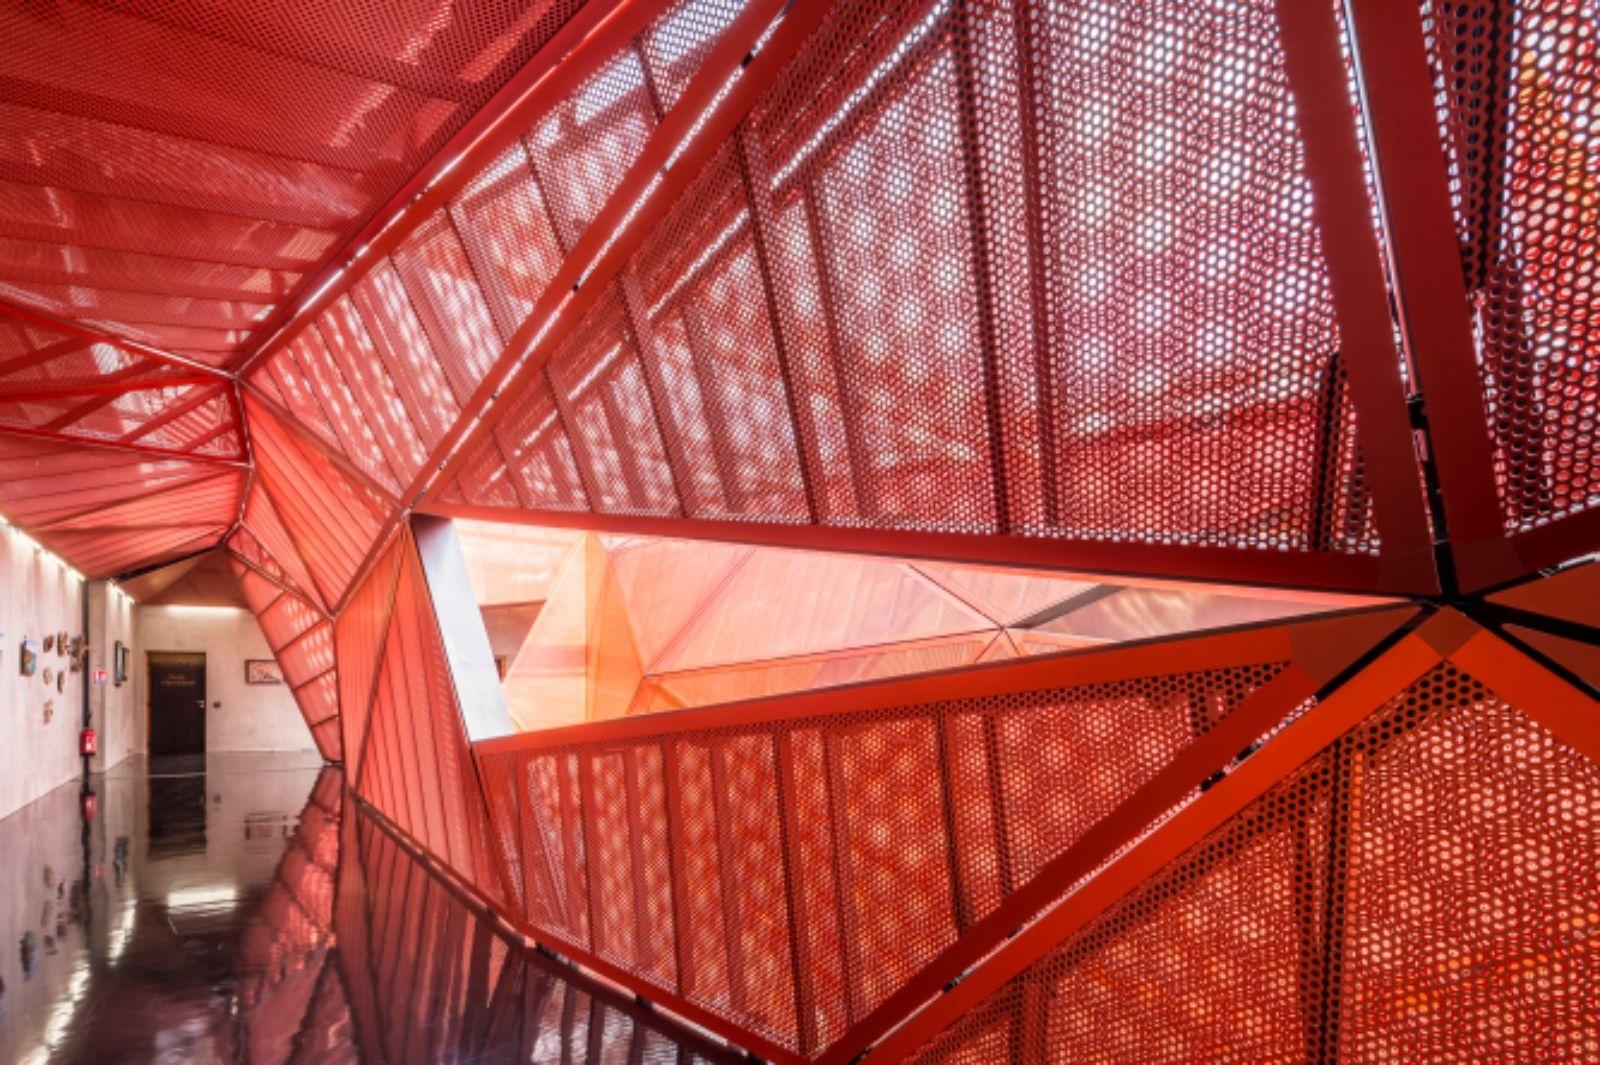 espace-culturel-de-la-hague-by-peripheriques-architectes-marin-and-trottin-architects-11